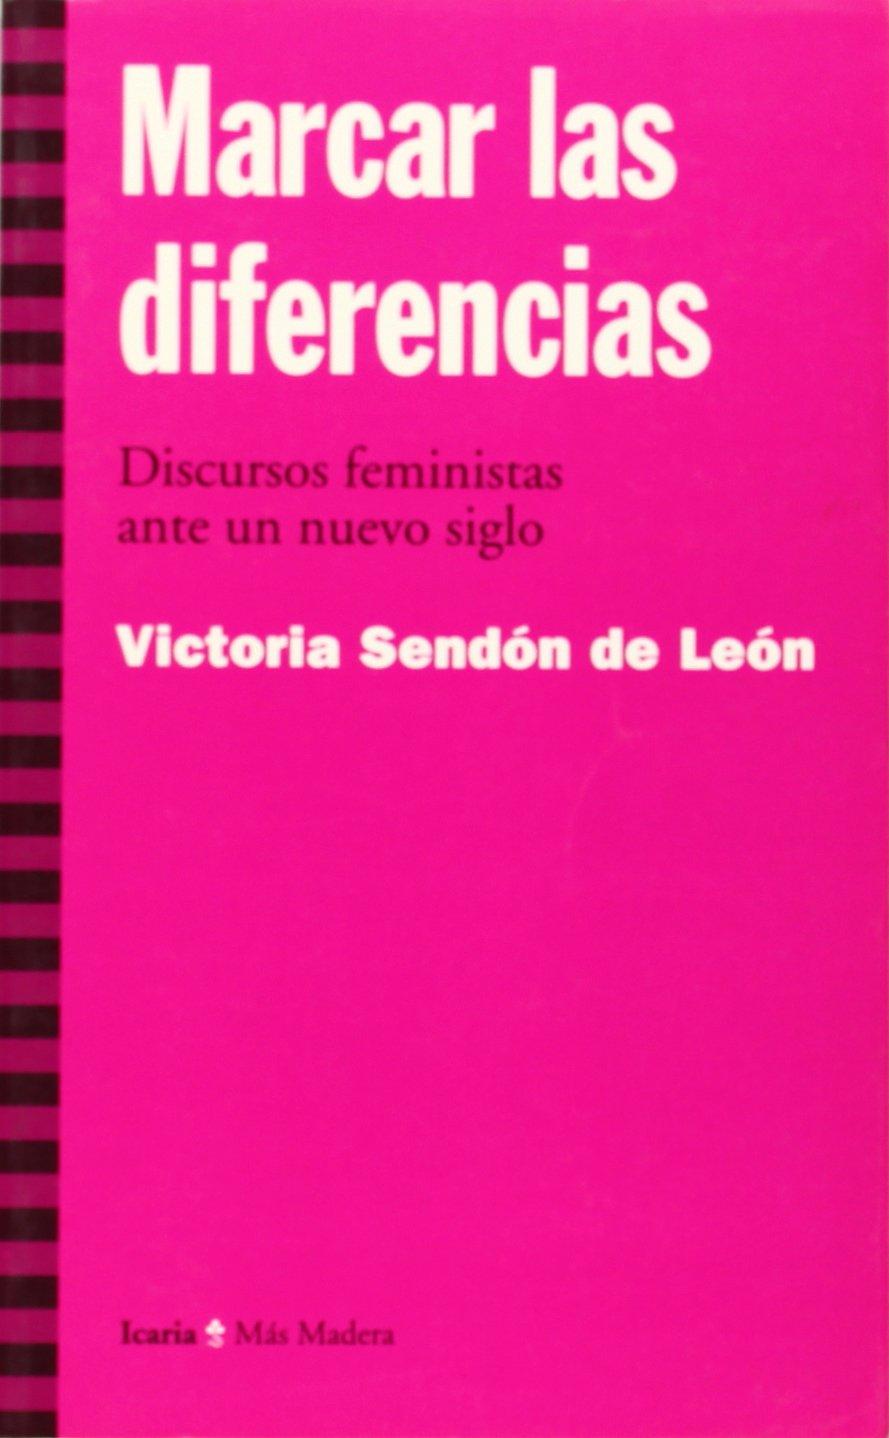 Marcar las diferencias : discursos feministas ante un nuevo siglo Más Madera: Amazon.es: Sendón de León, Victoria: Libros